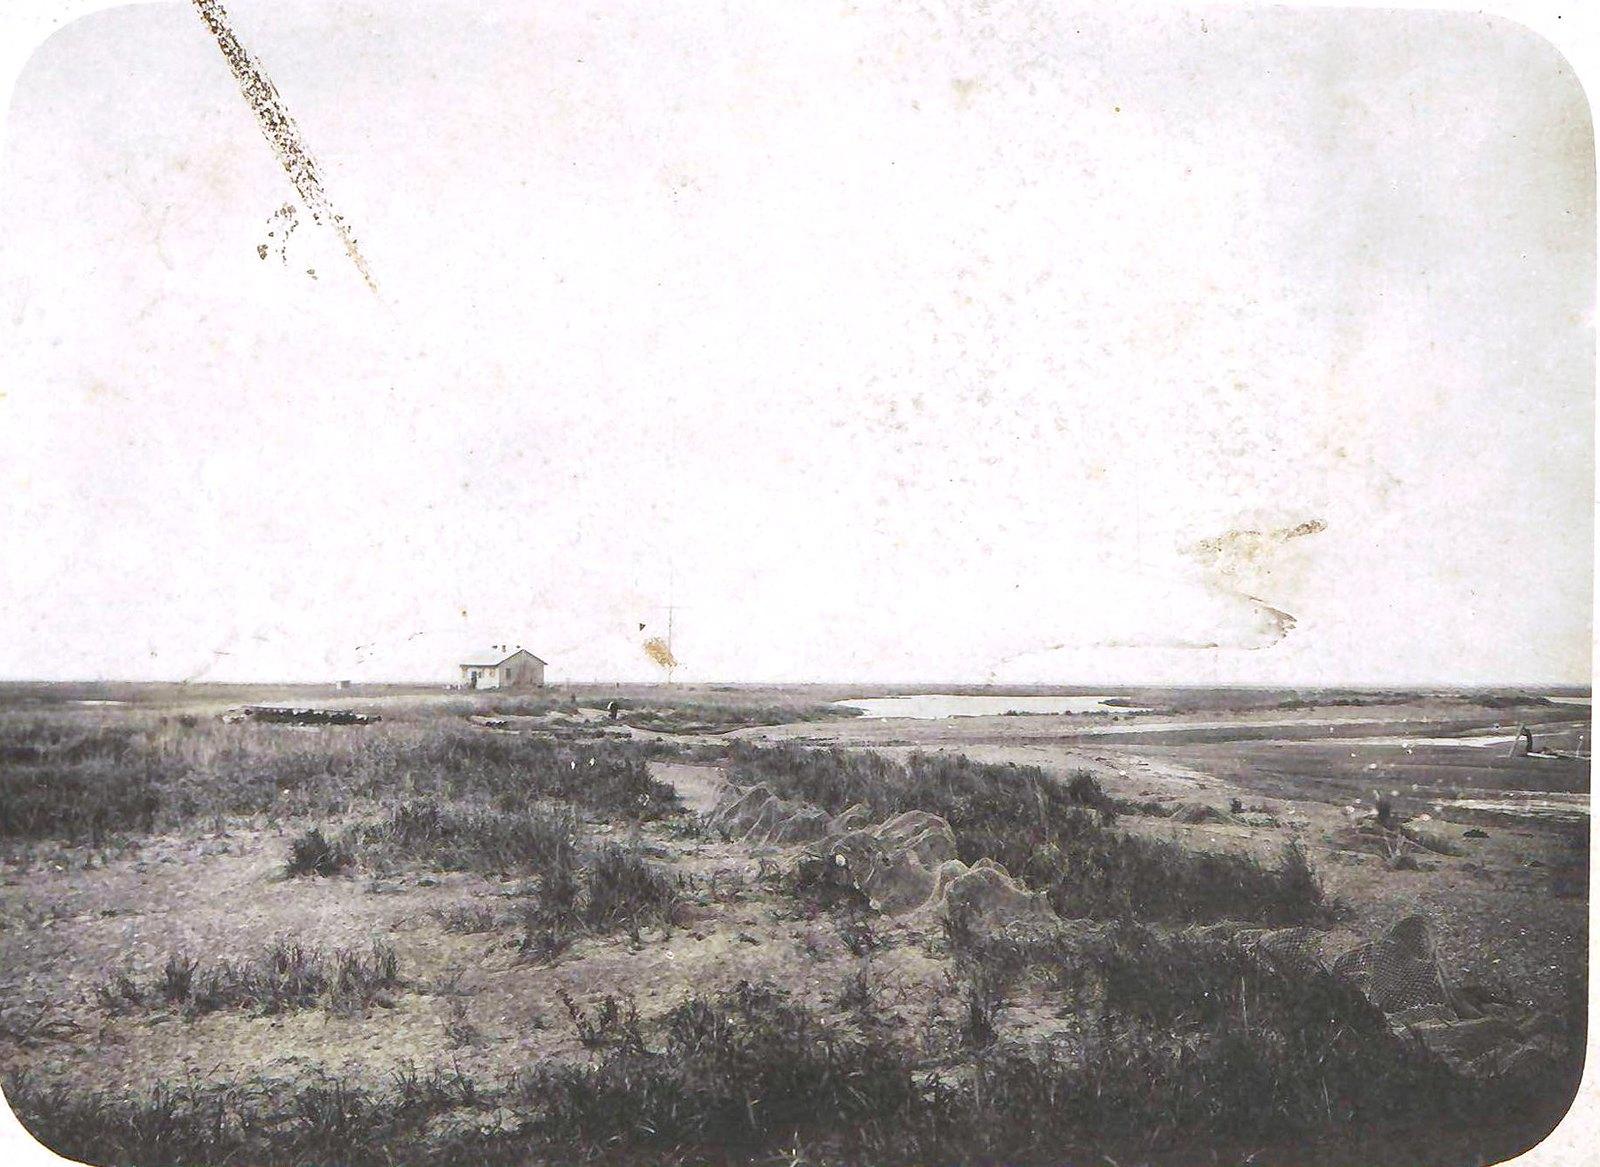 11. Сигнальная станция дирекции лоции и маяков Восточного Океана на острове Лангр